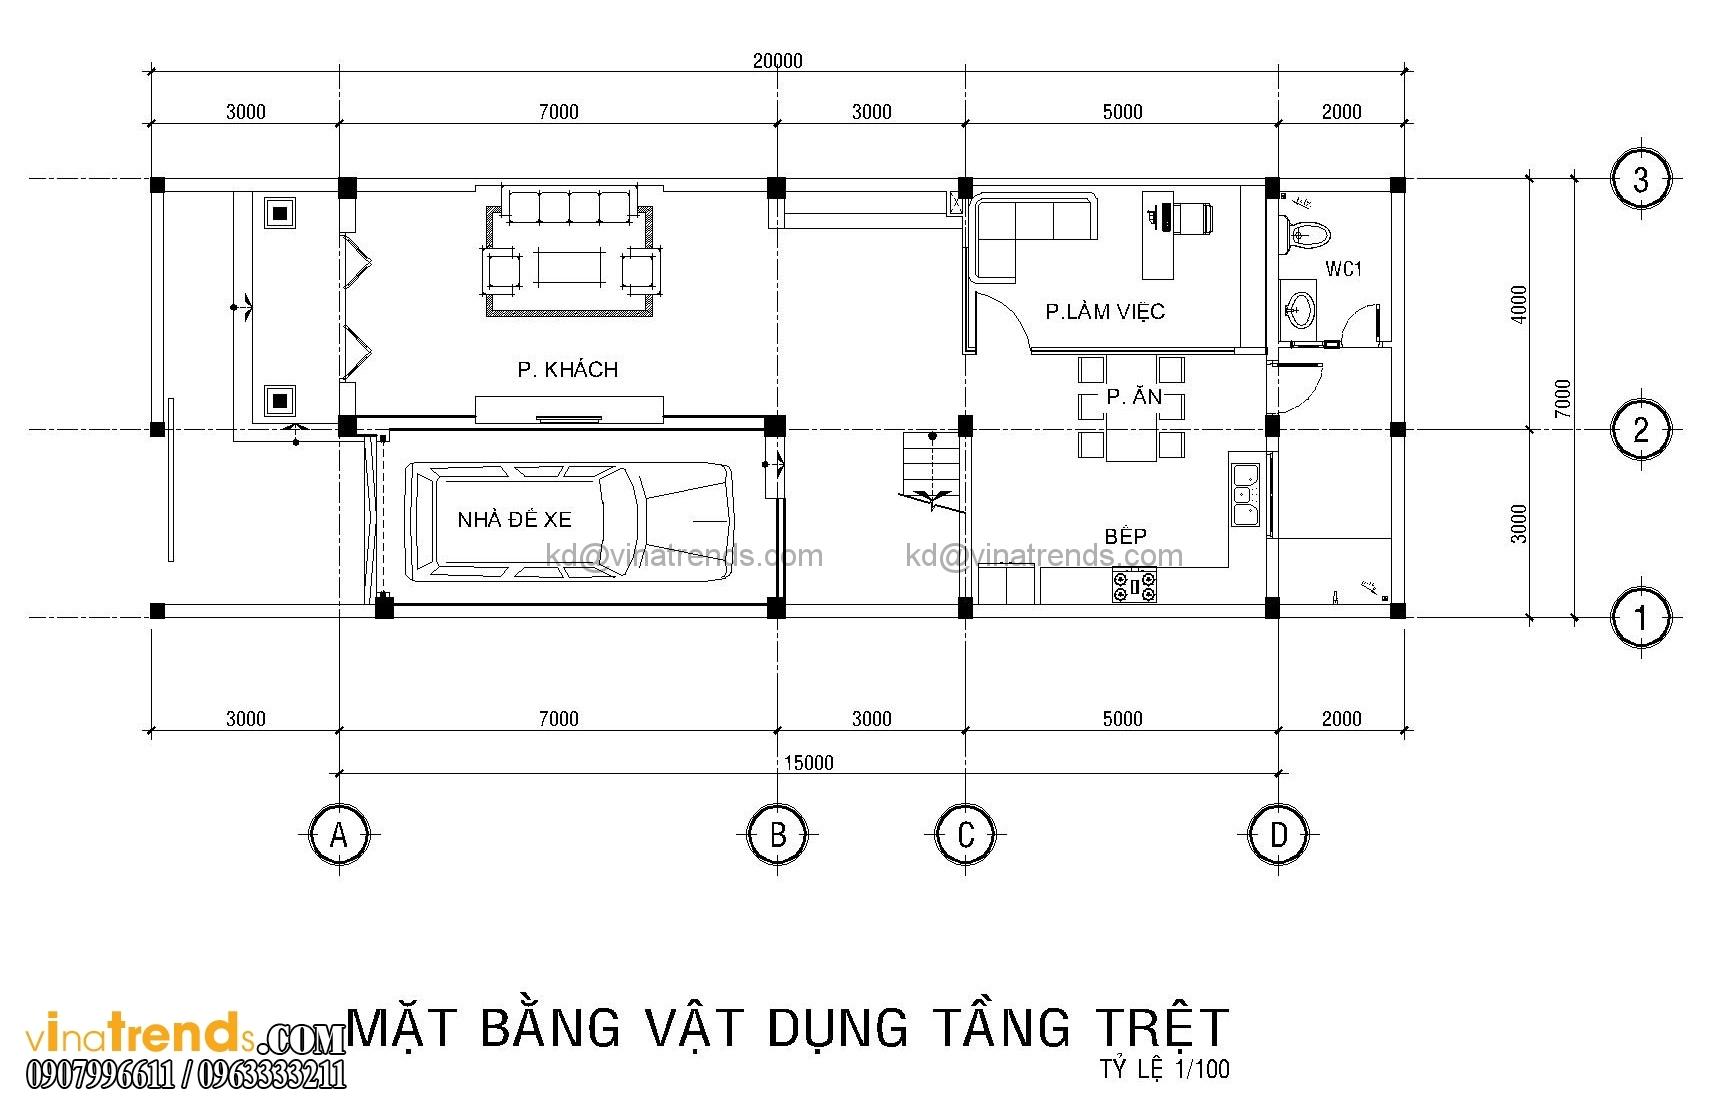 mb biet thu co dien dep 2 Mẫu nhà biệt thự 3 tầng cổ điển mái thái 7m dài 15m nhà anh Ẩn ở Hồ Chí Minh